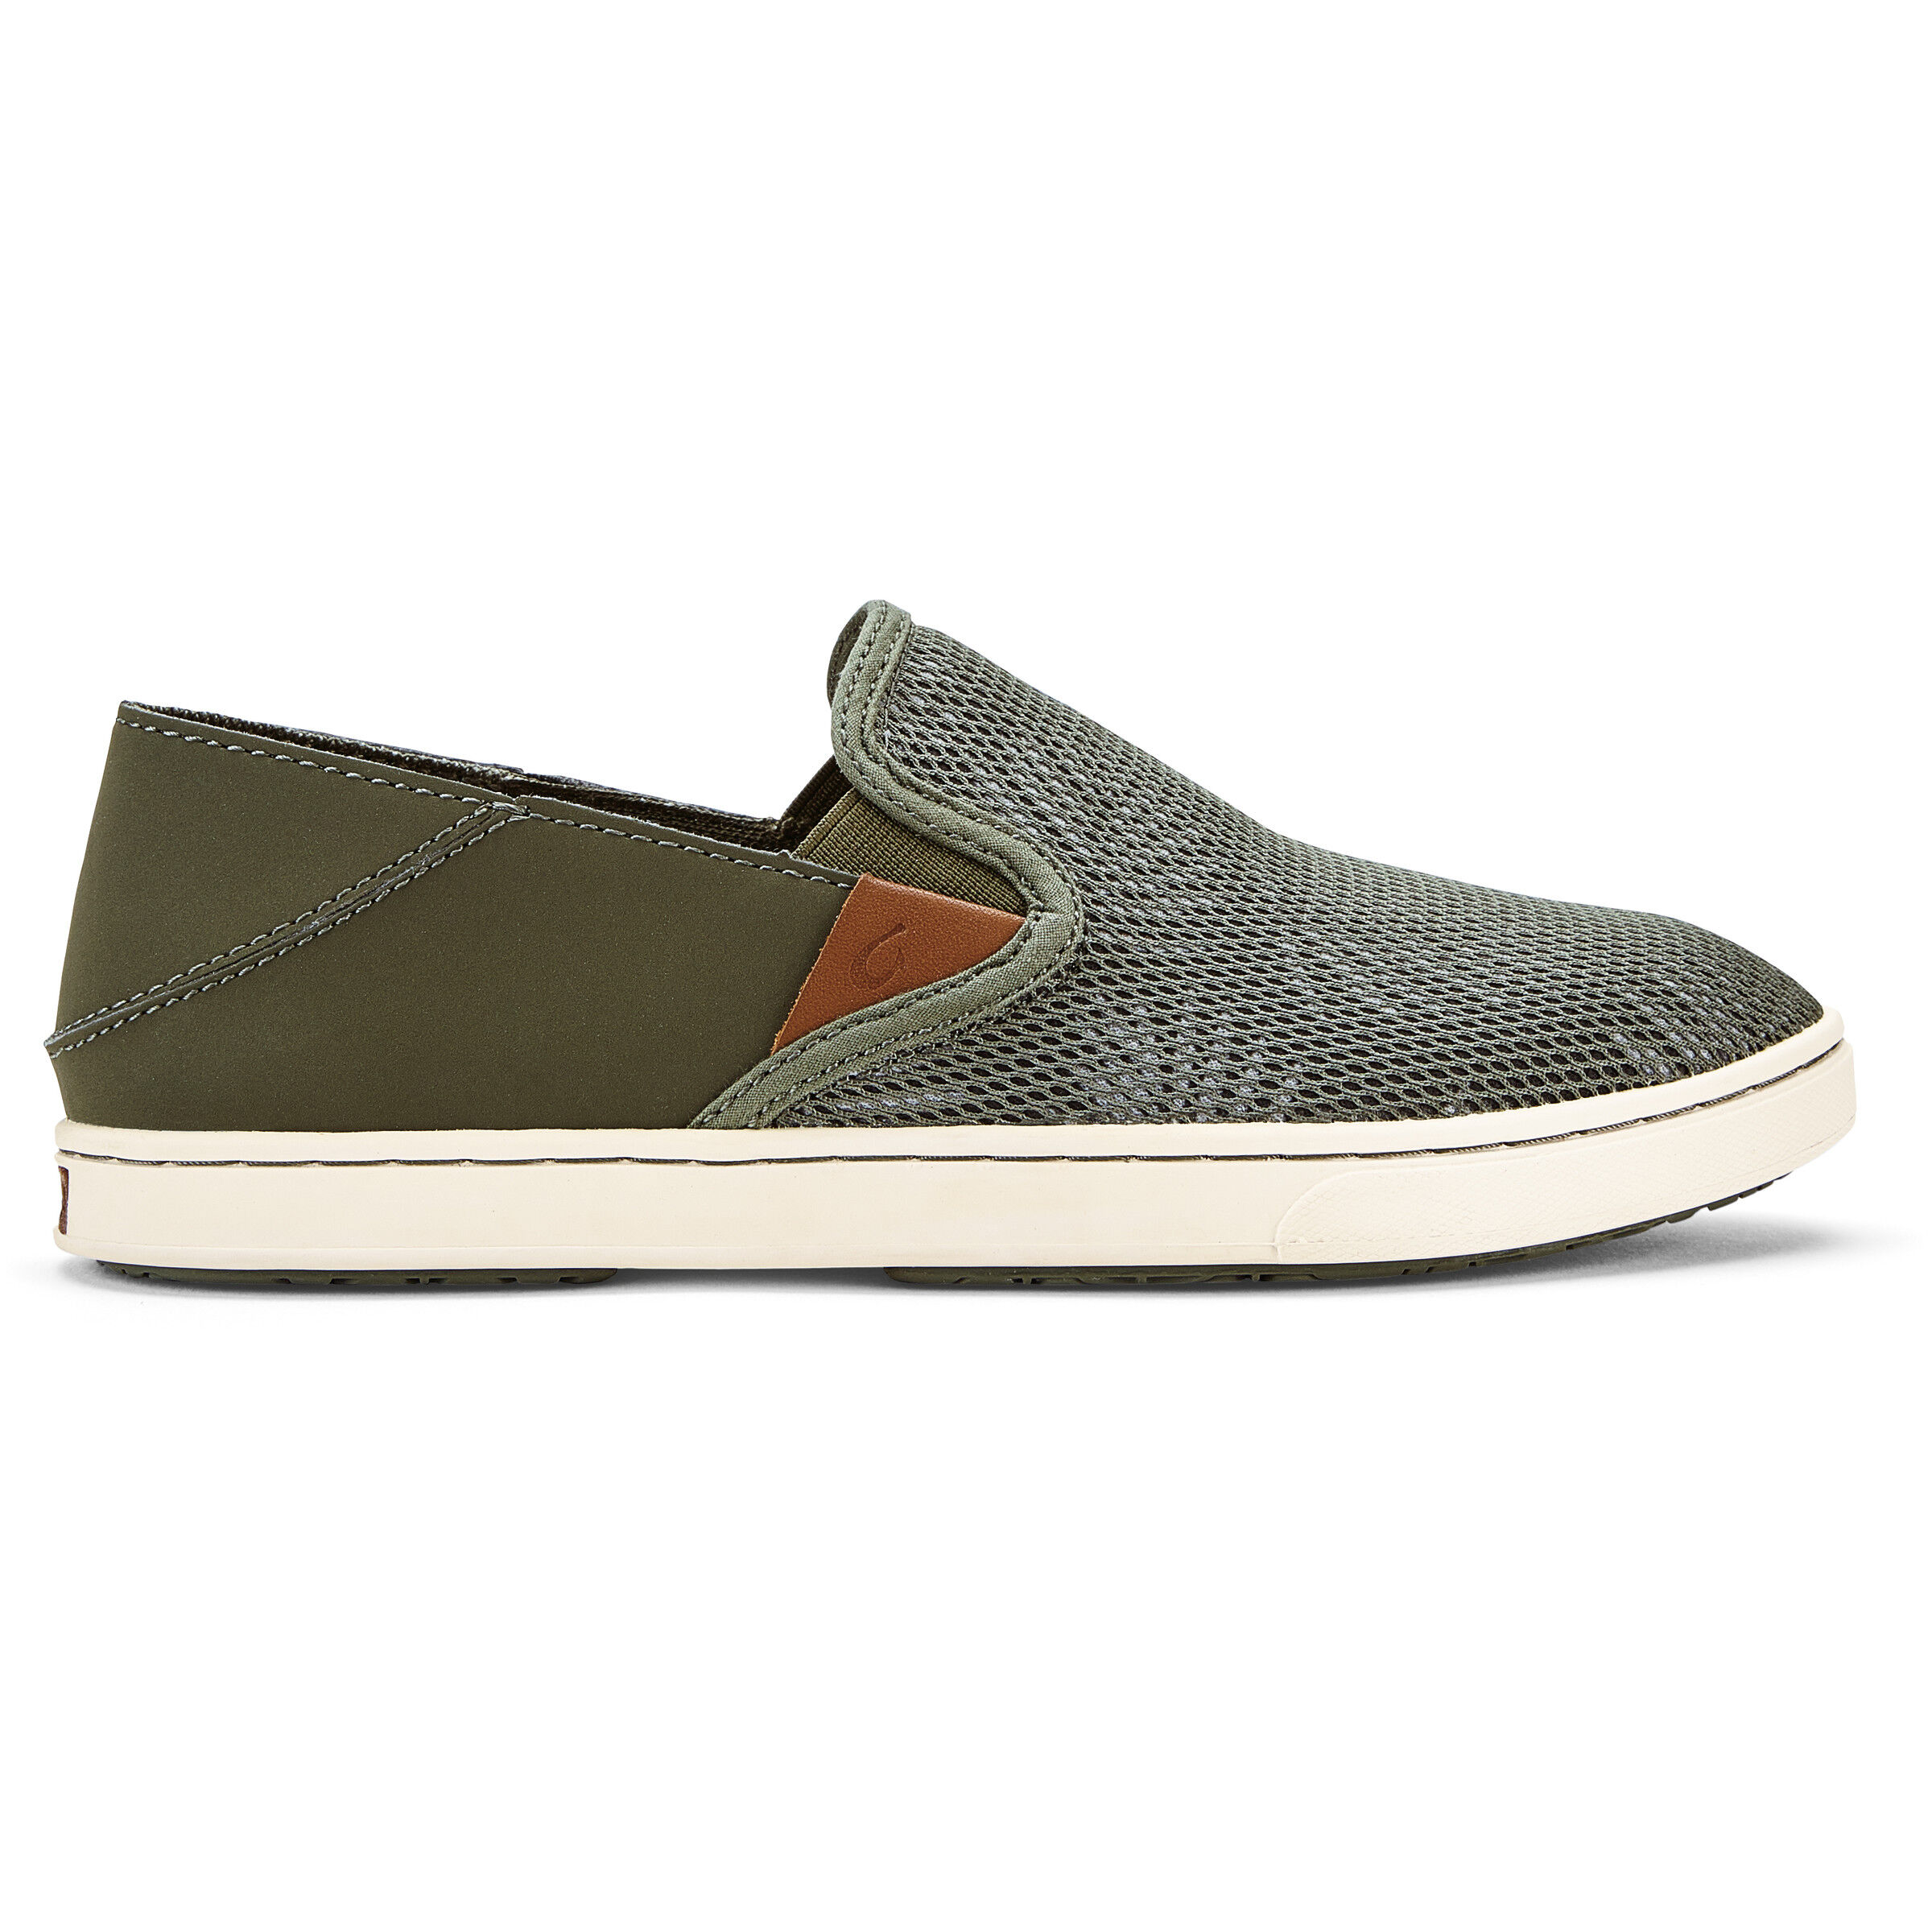 OluKai Schuhe günstig online kaufen |